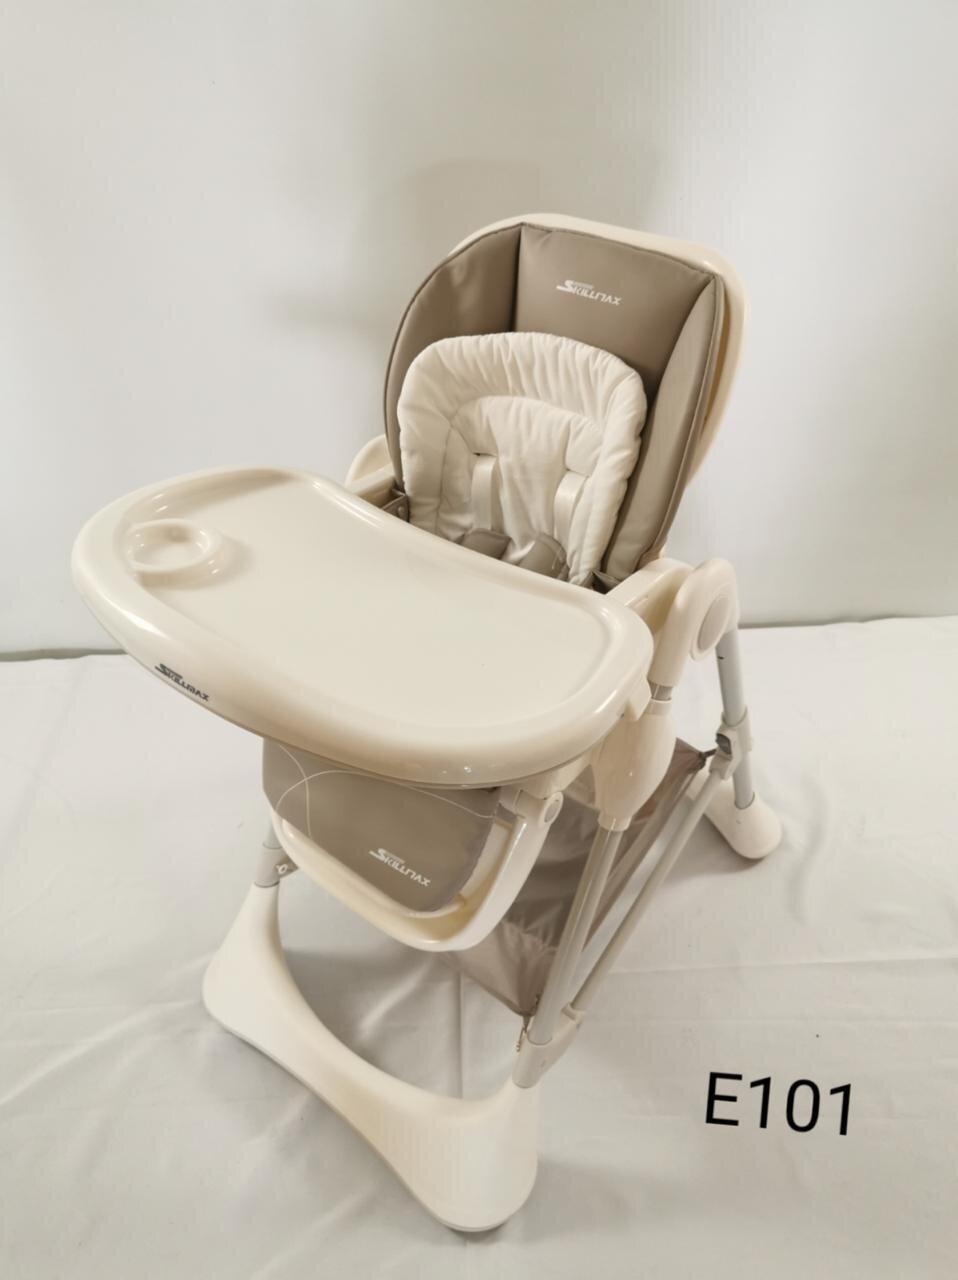 Детский стульчик для кормления Teknum E-101